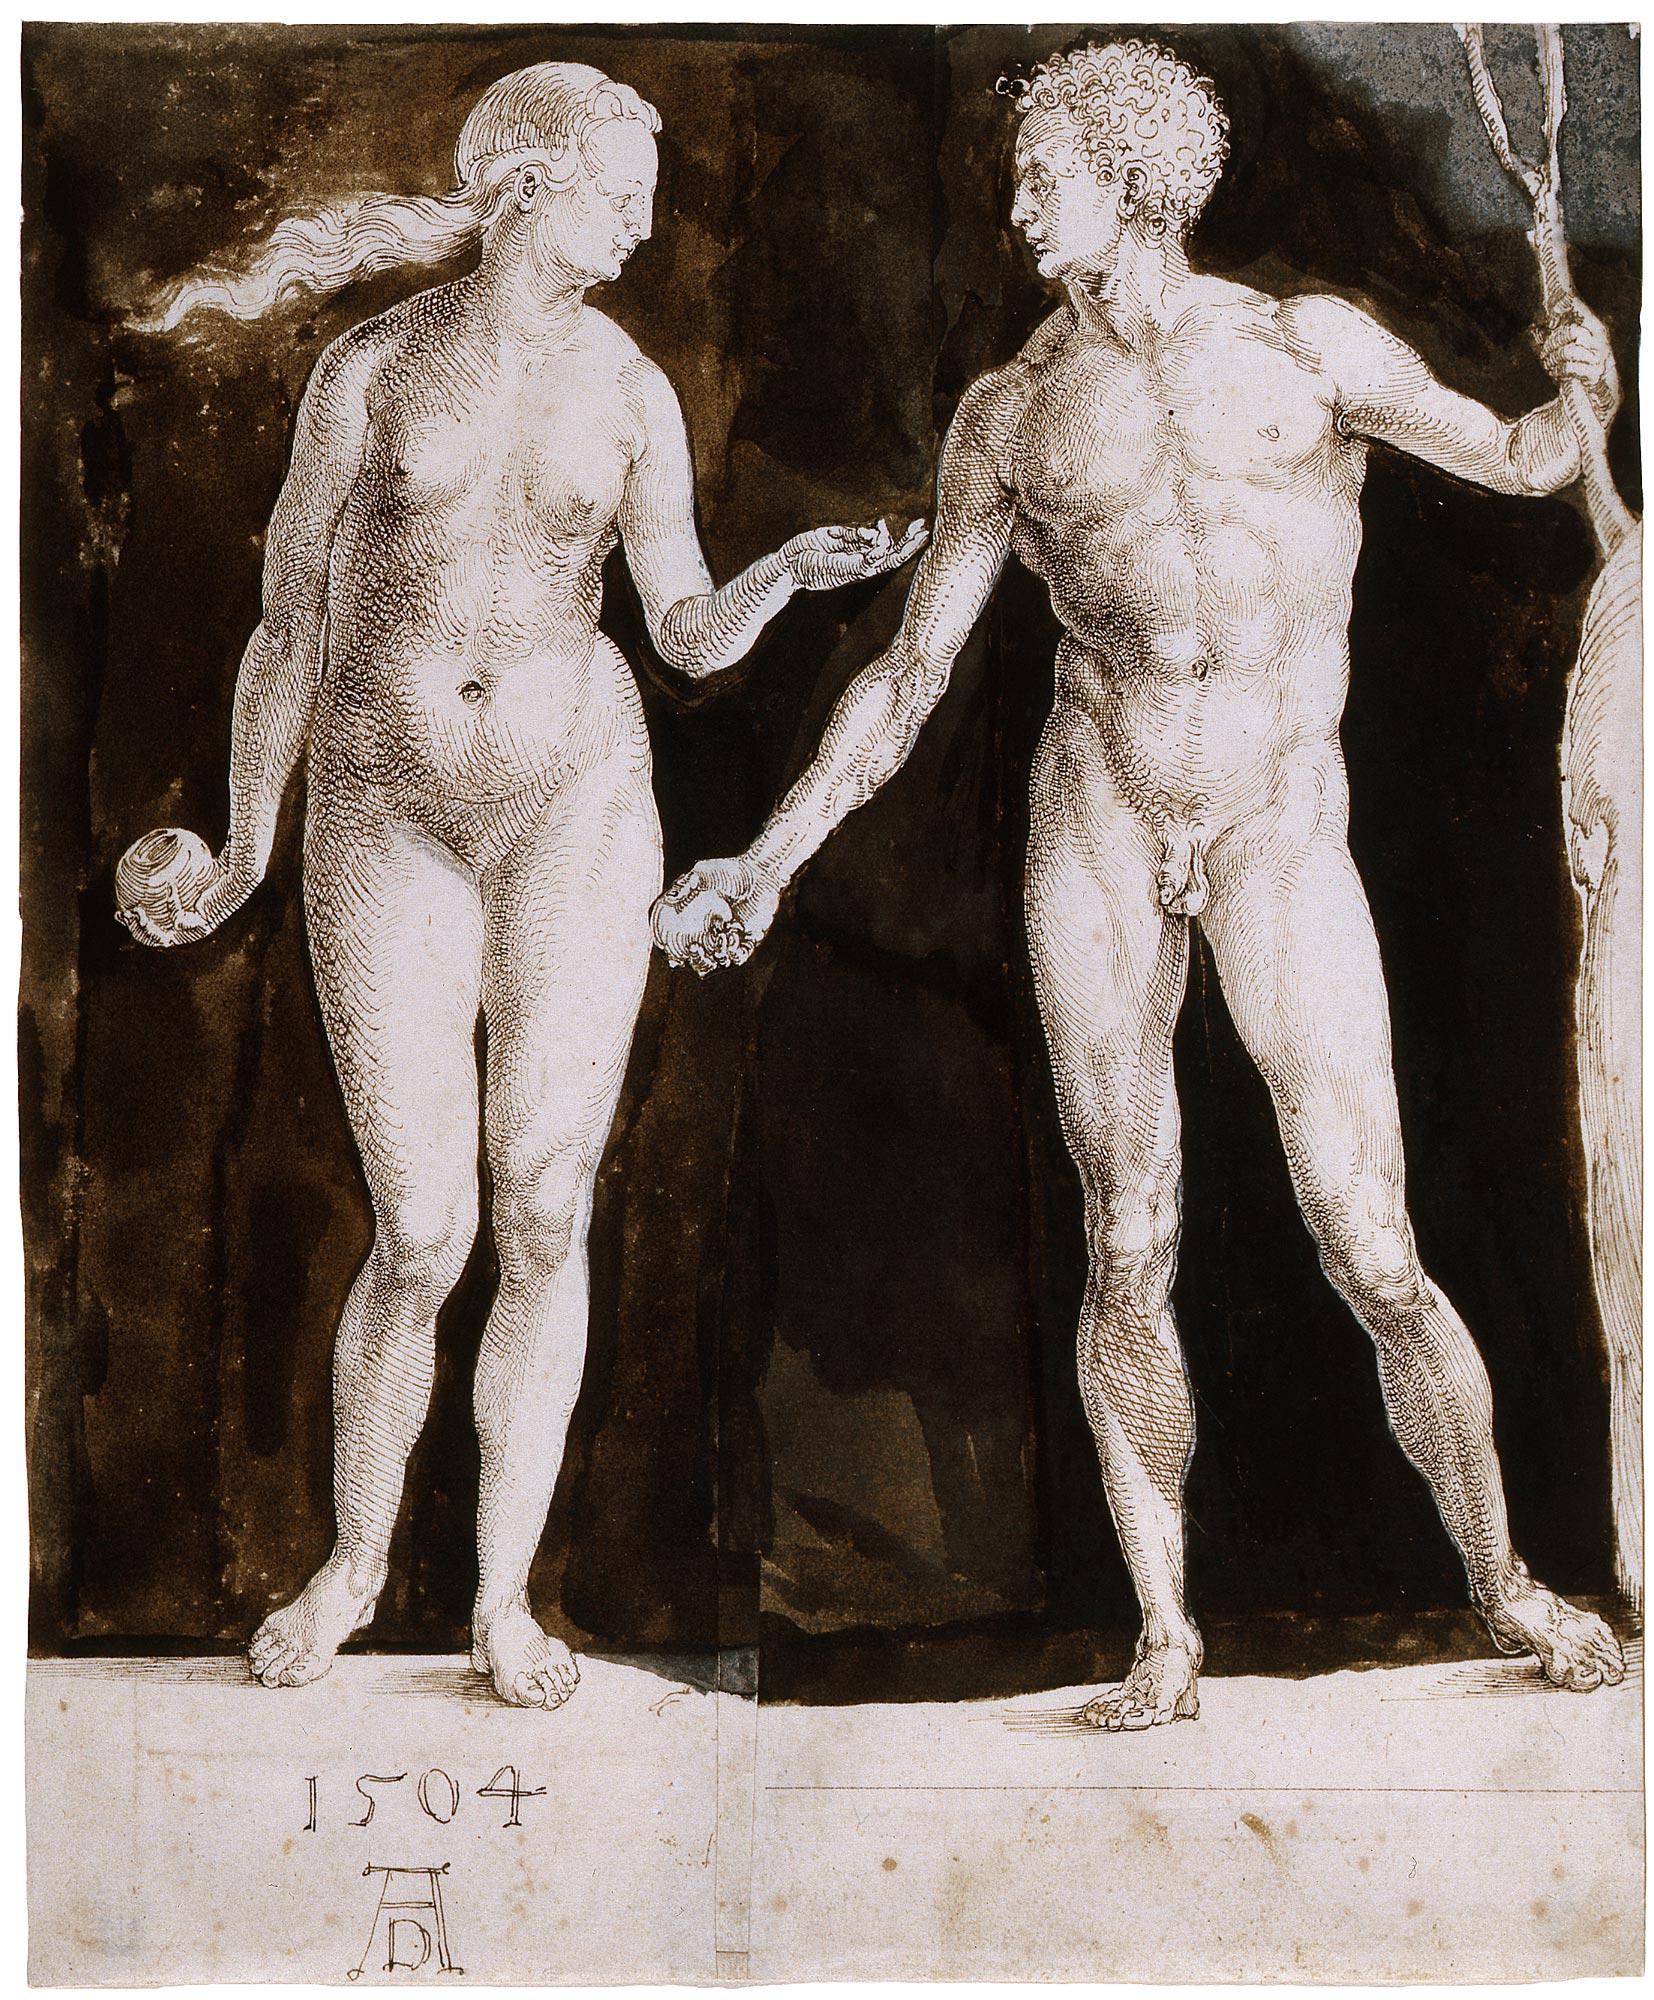 Image of Albrecht Dürer, Adam and Eve